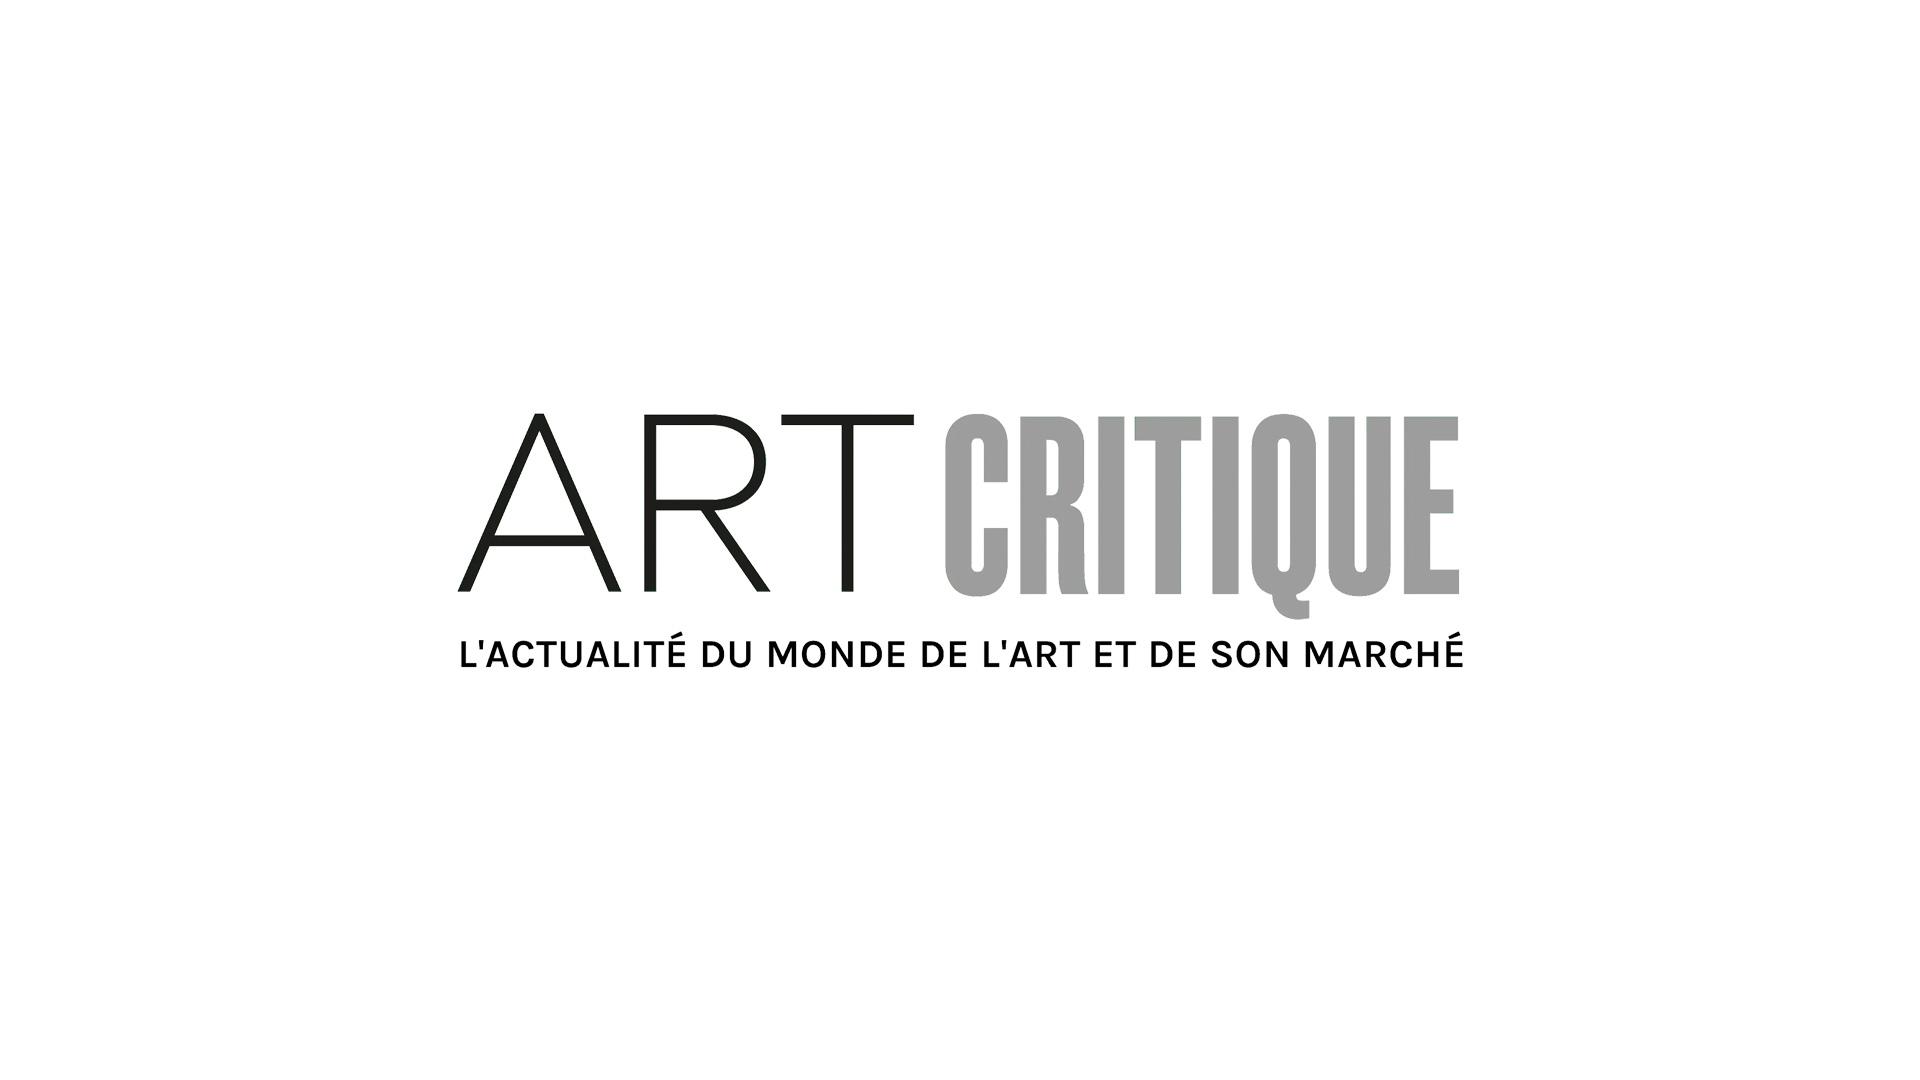 Le Palais de la Porte Dorée accueille de plus en plus de visiteurs